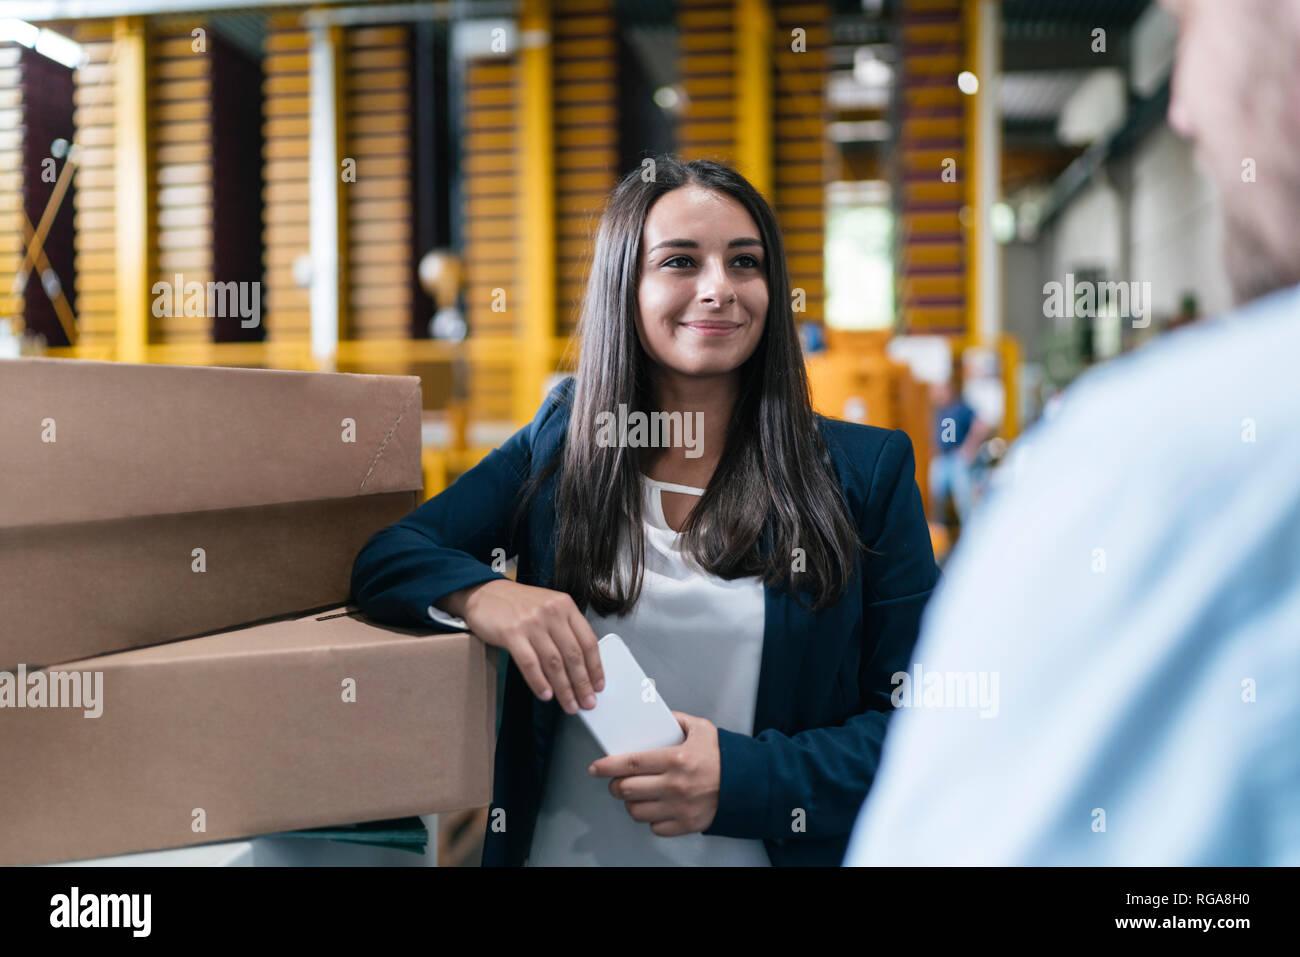 Jeune femme travaillant dans l'entrepôt de distribution, parler aux collègue Photo Stock